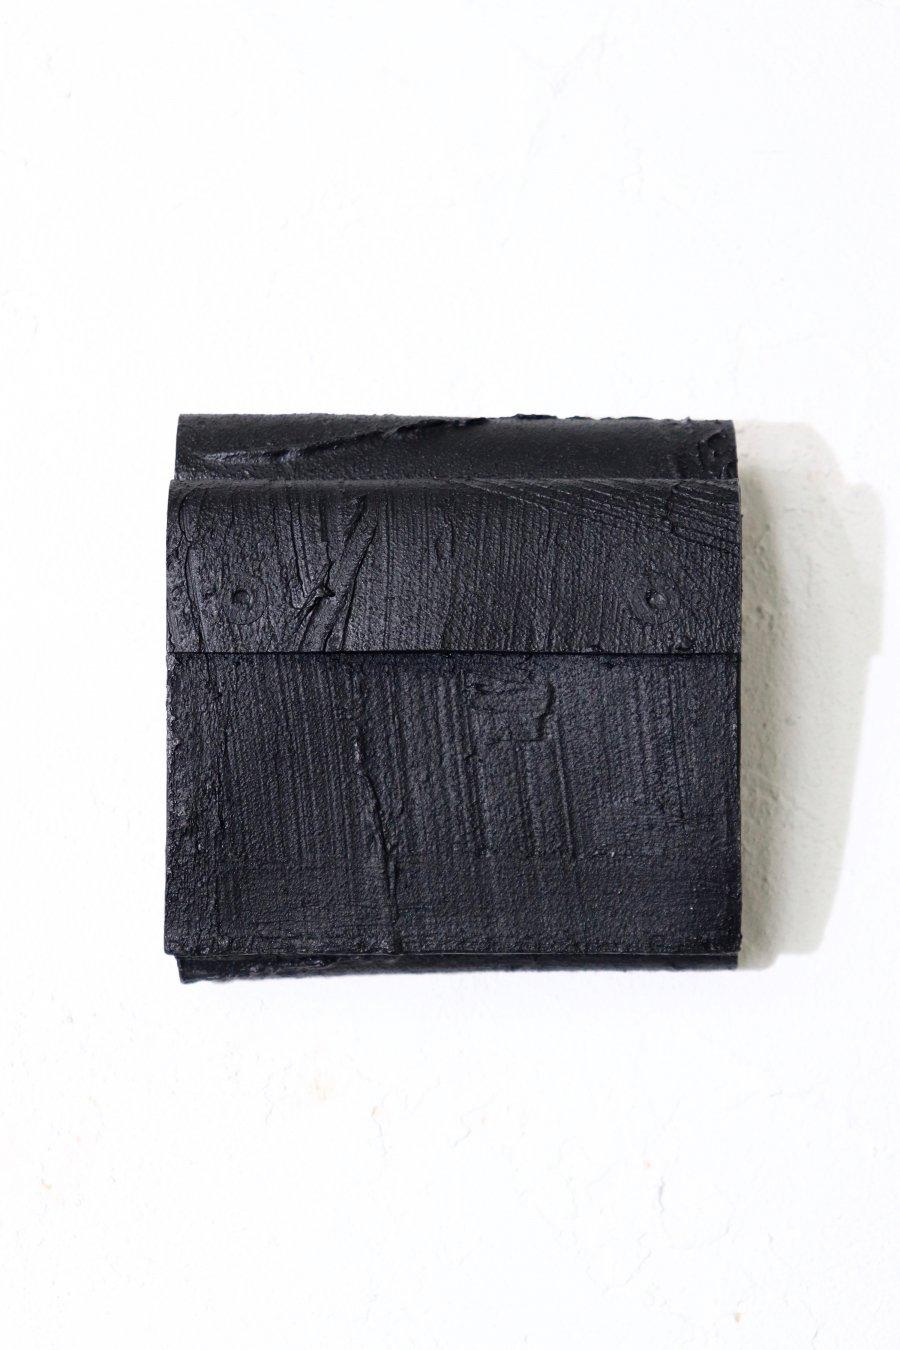 KAGARI YUSUKE  黒壁 三つ折り財布 ※3月入荷予定予約品